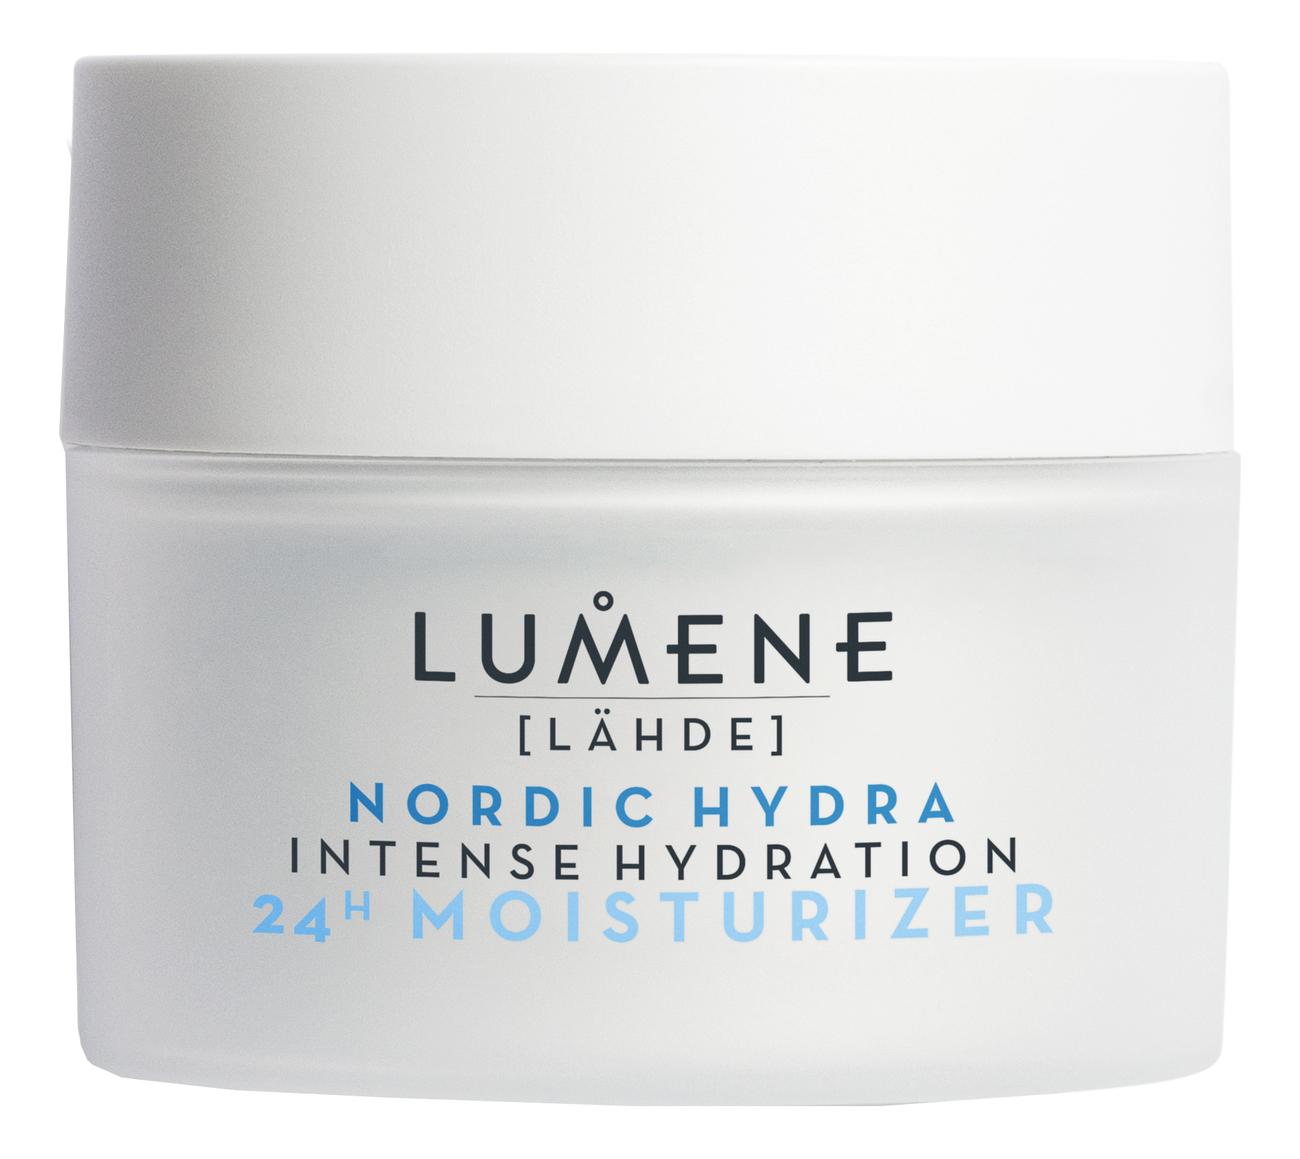 Интенсивный увлажняющий крем 24 часа Nordic Hydra Intense Hydration 24H Moisturizer: Крем 30мл автозагар крем